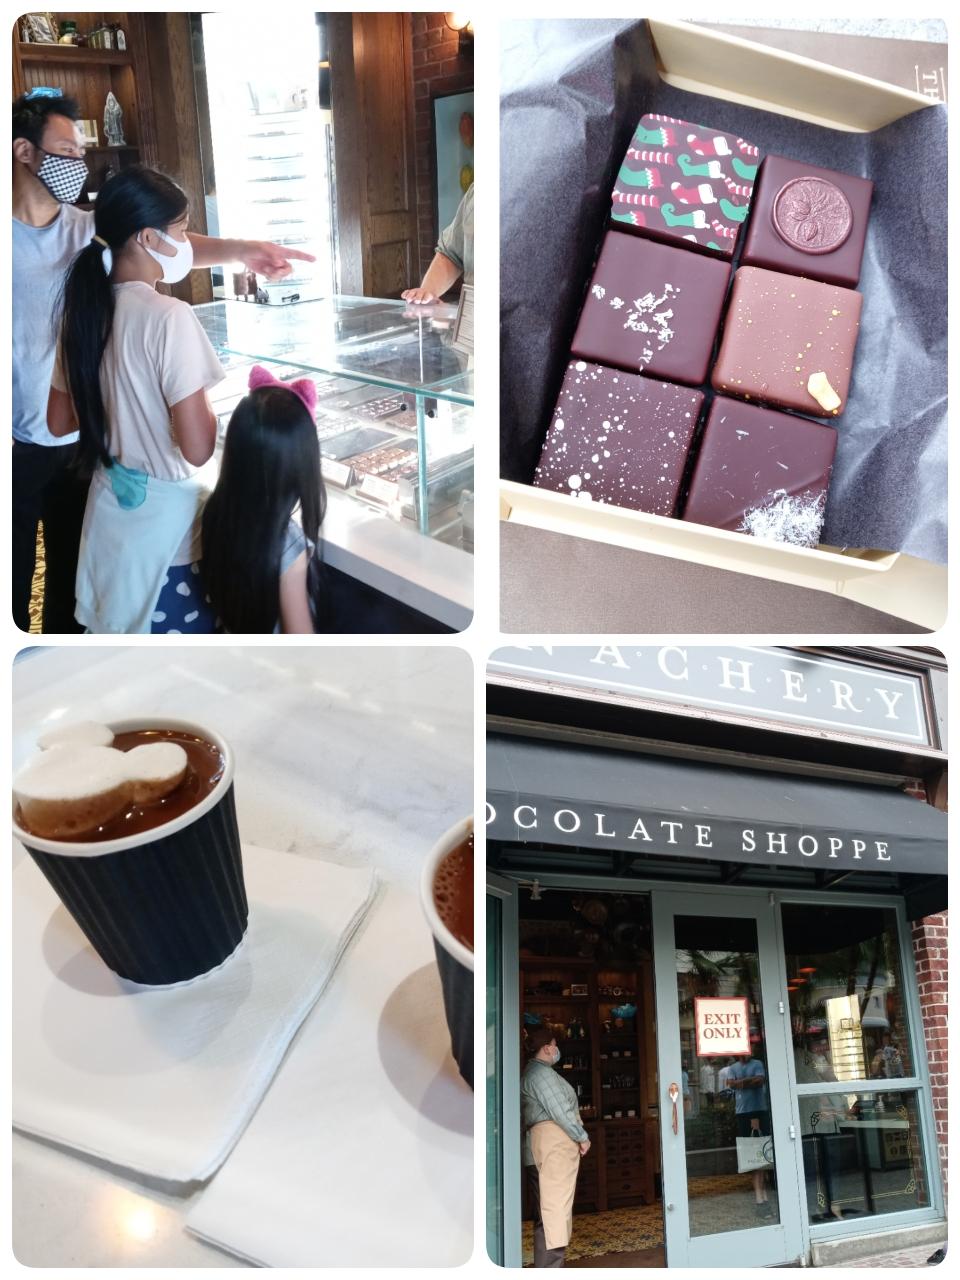 チョコレートのお店🍫美味しすぎてビックリしました😋